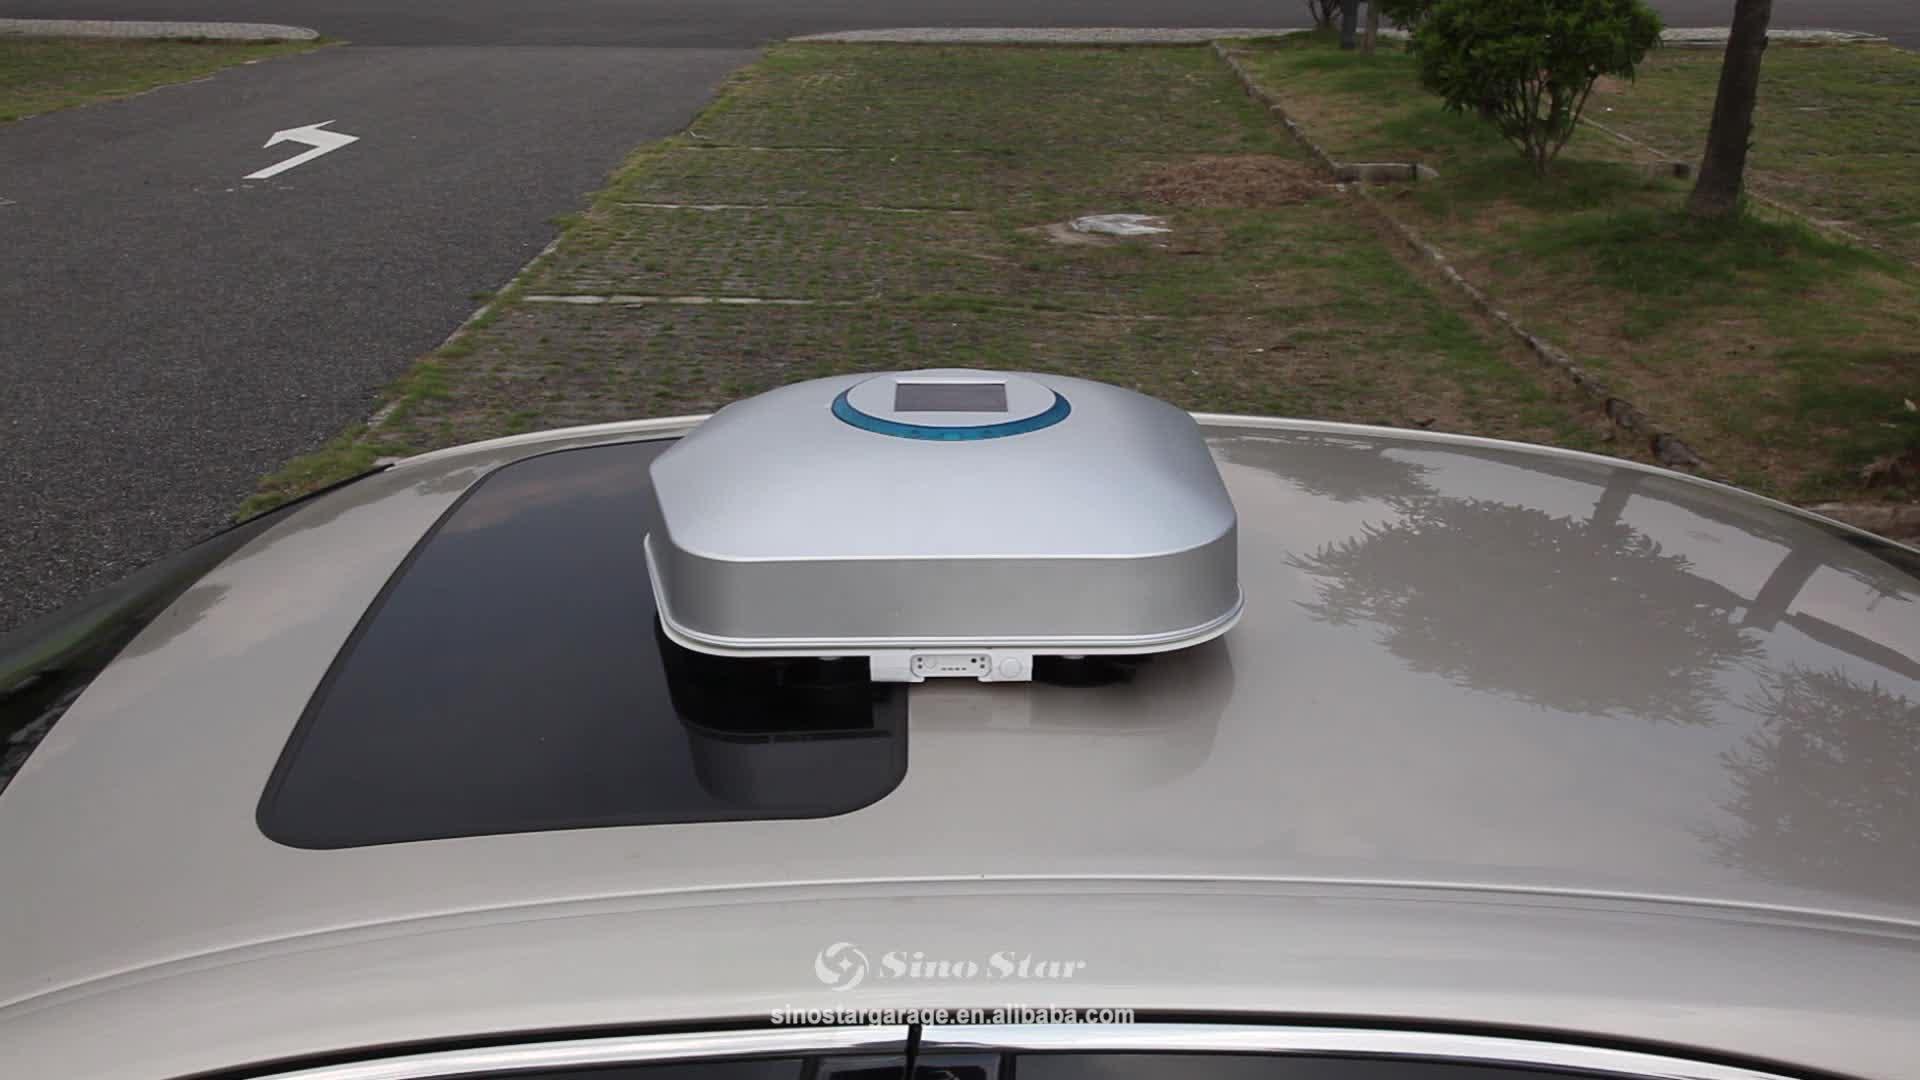 OEM hagelsichere autoabdeckung suv alle abdeckung auto kofferraummatte im freien aufblasbare hagelsichere autoabdeckung